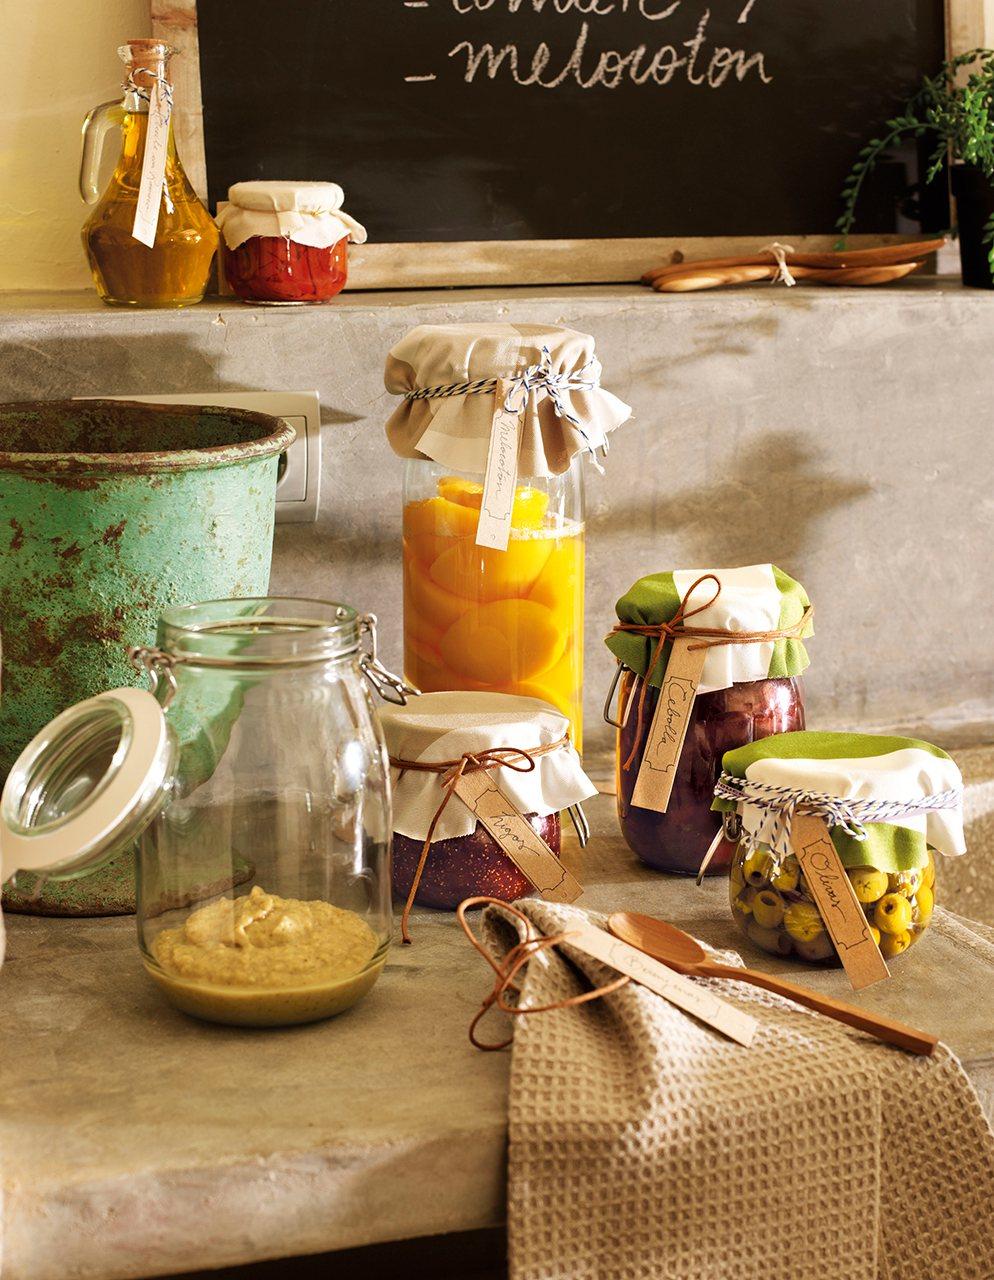 De la huerta a la mesa cocinar con conservas - Cocinar con conservas ...